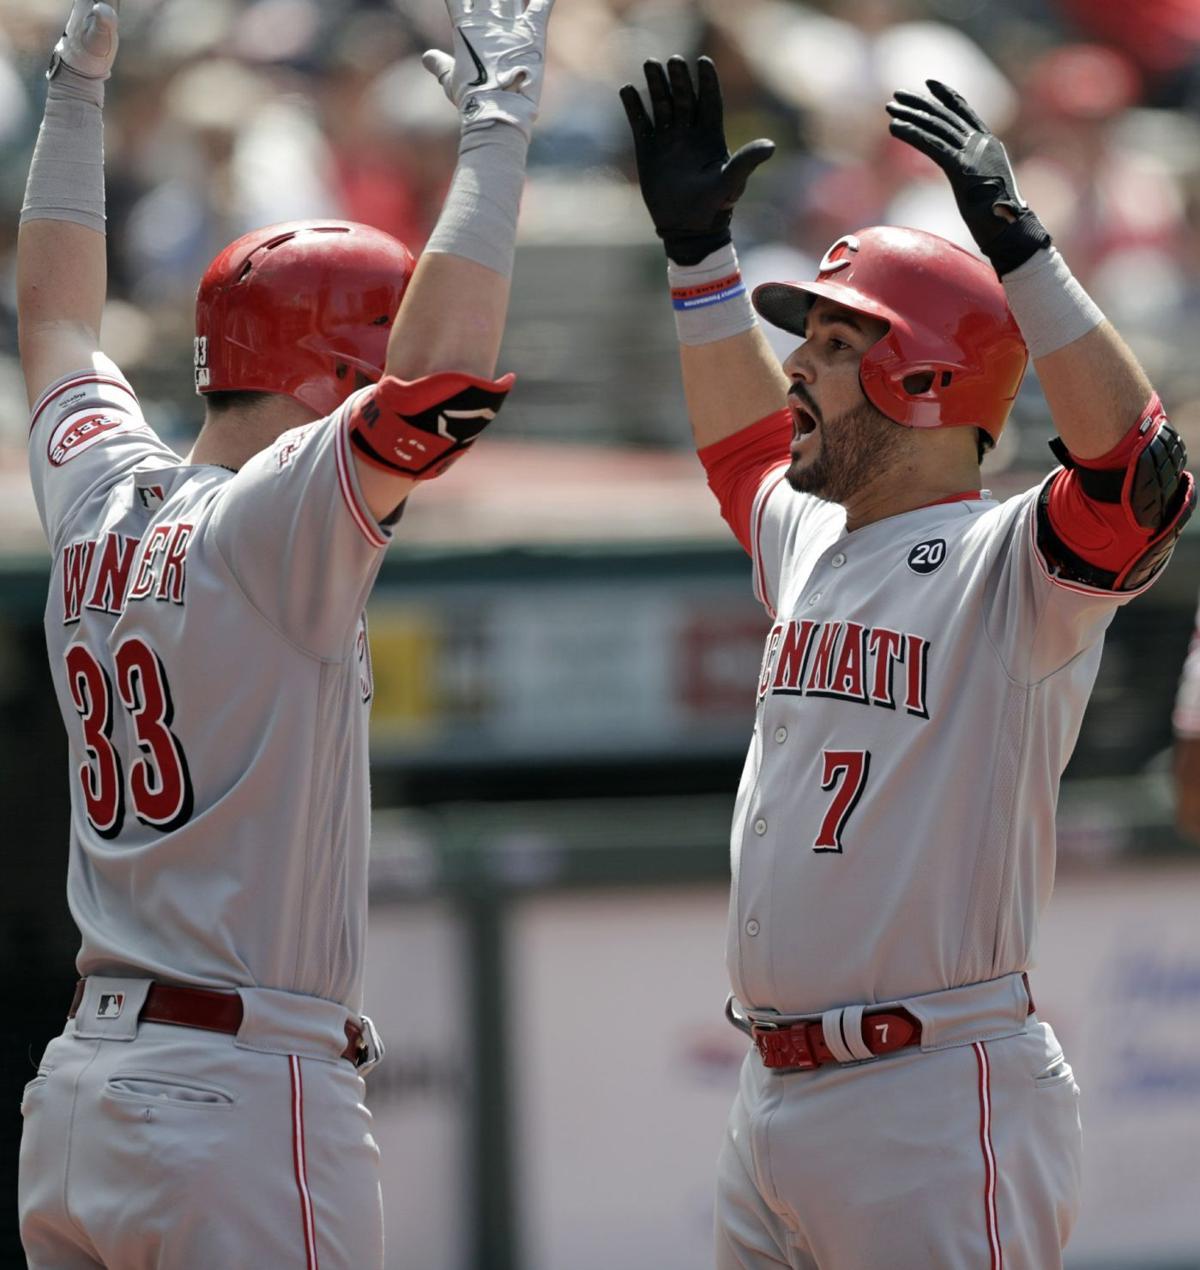 Eugenio Suarez and Jesse Winker celebrate